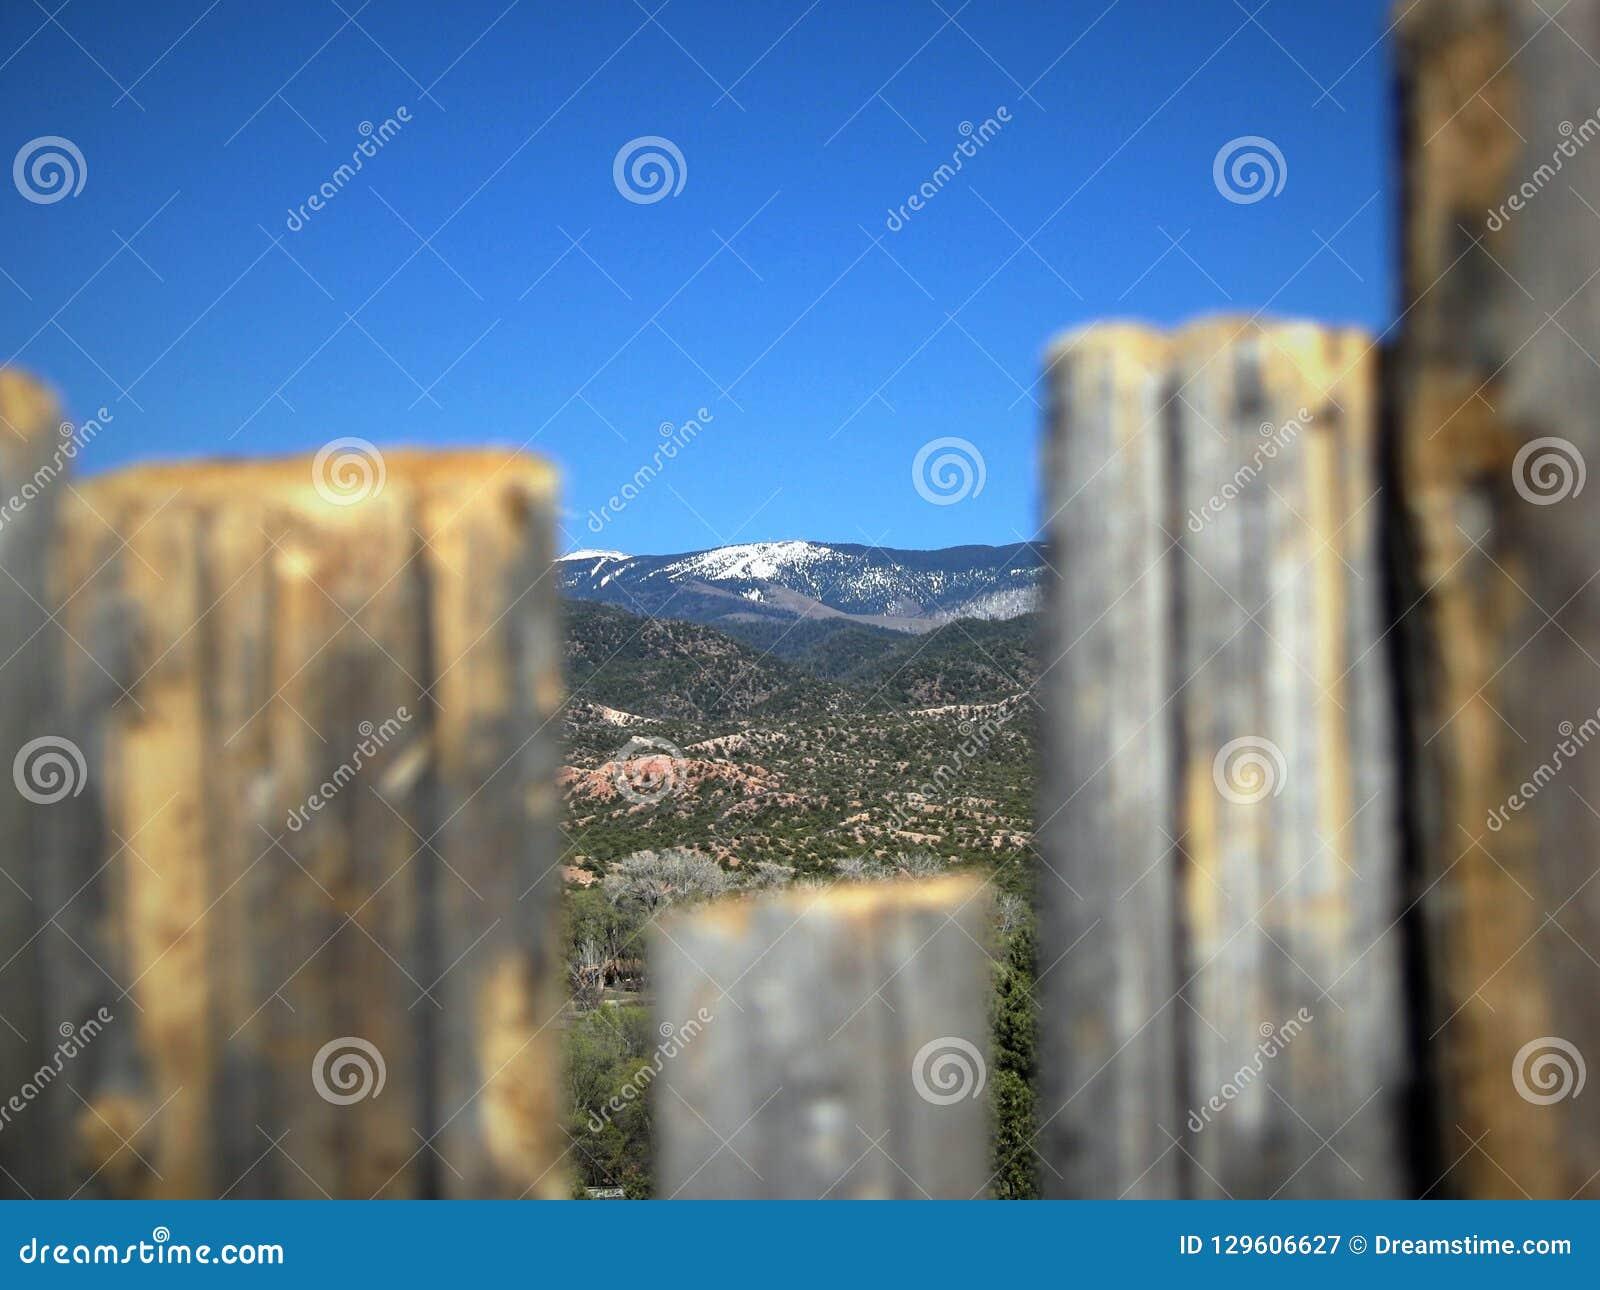 Santa Fe ski basin, the Southern tip of the Sangre de Cristo Mountains, visible through a fence